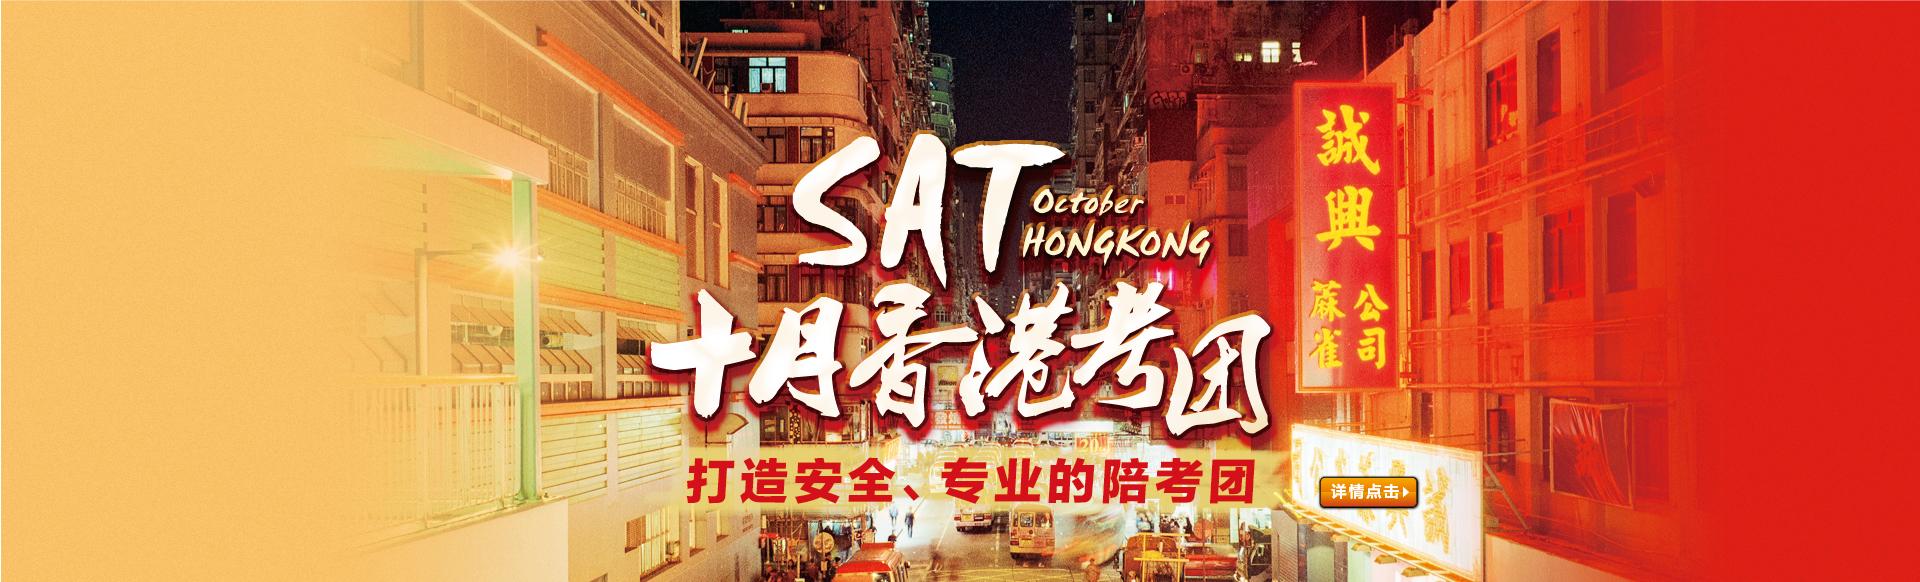 10月香港考团